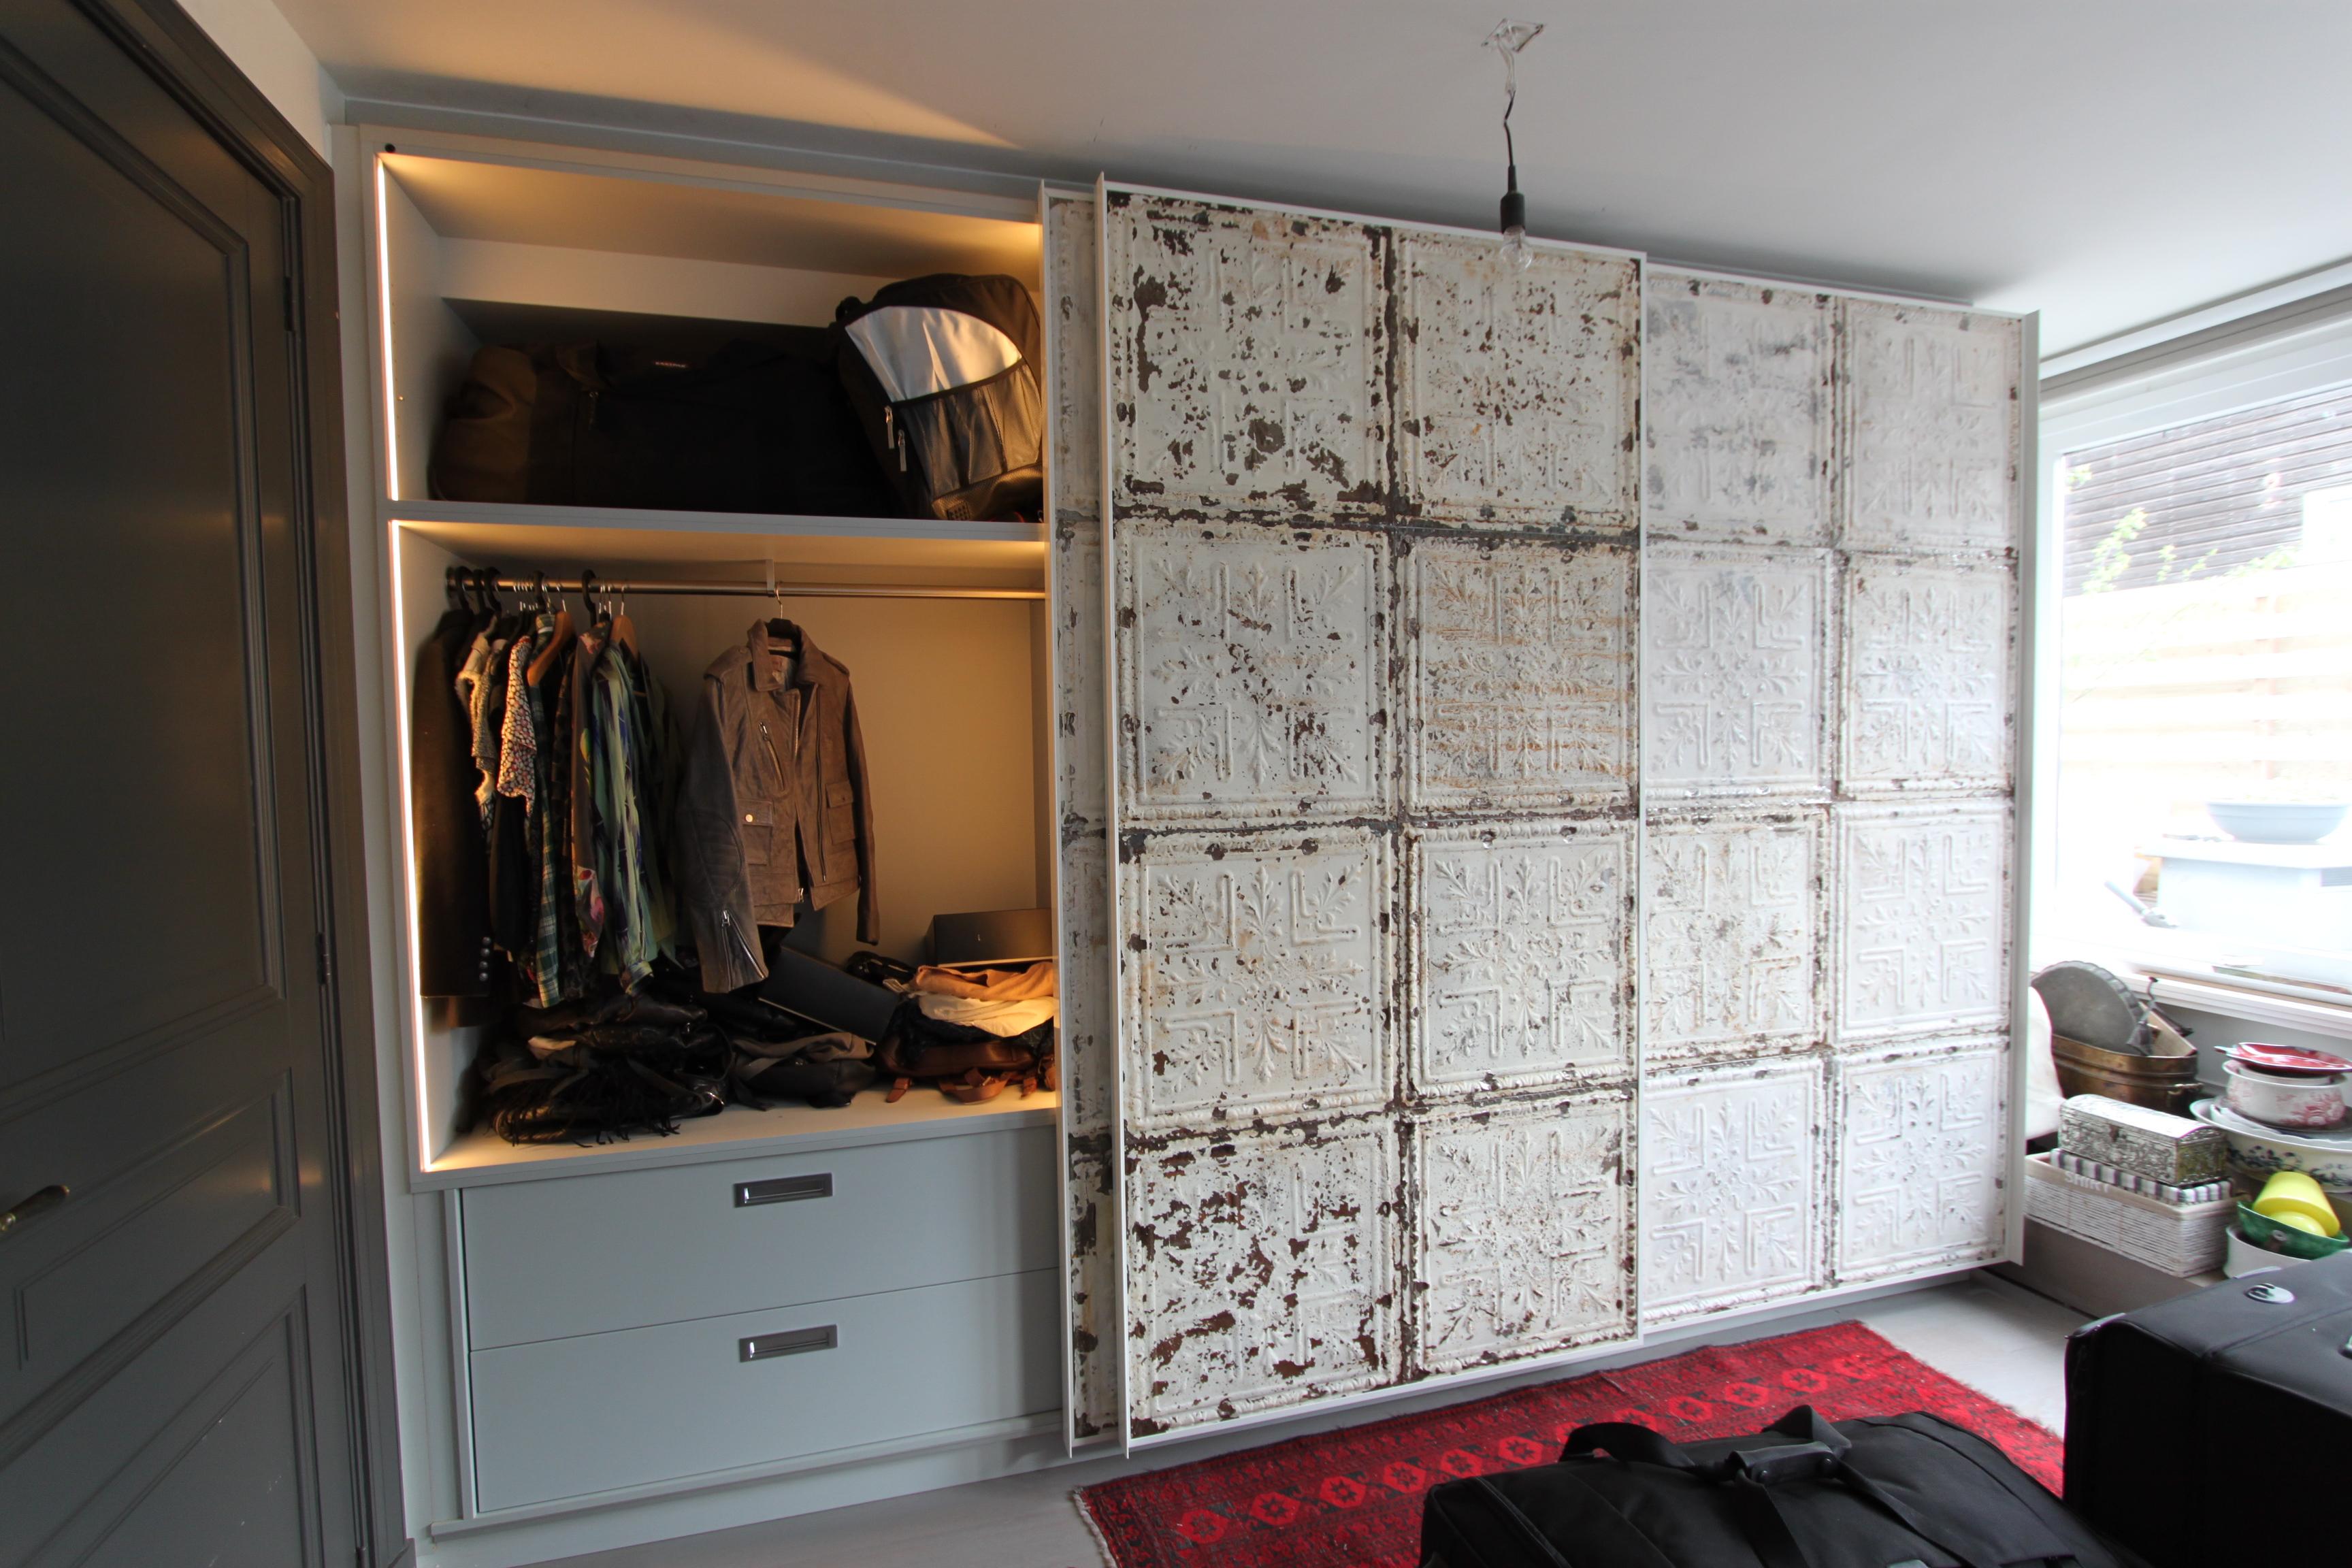 Garderobekast Schuifdeur Wit.3019 3 Schuifdeur Garderobekast Wit Brocante Panelen 2d W